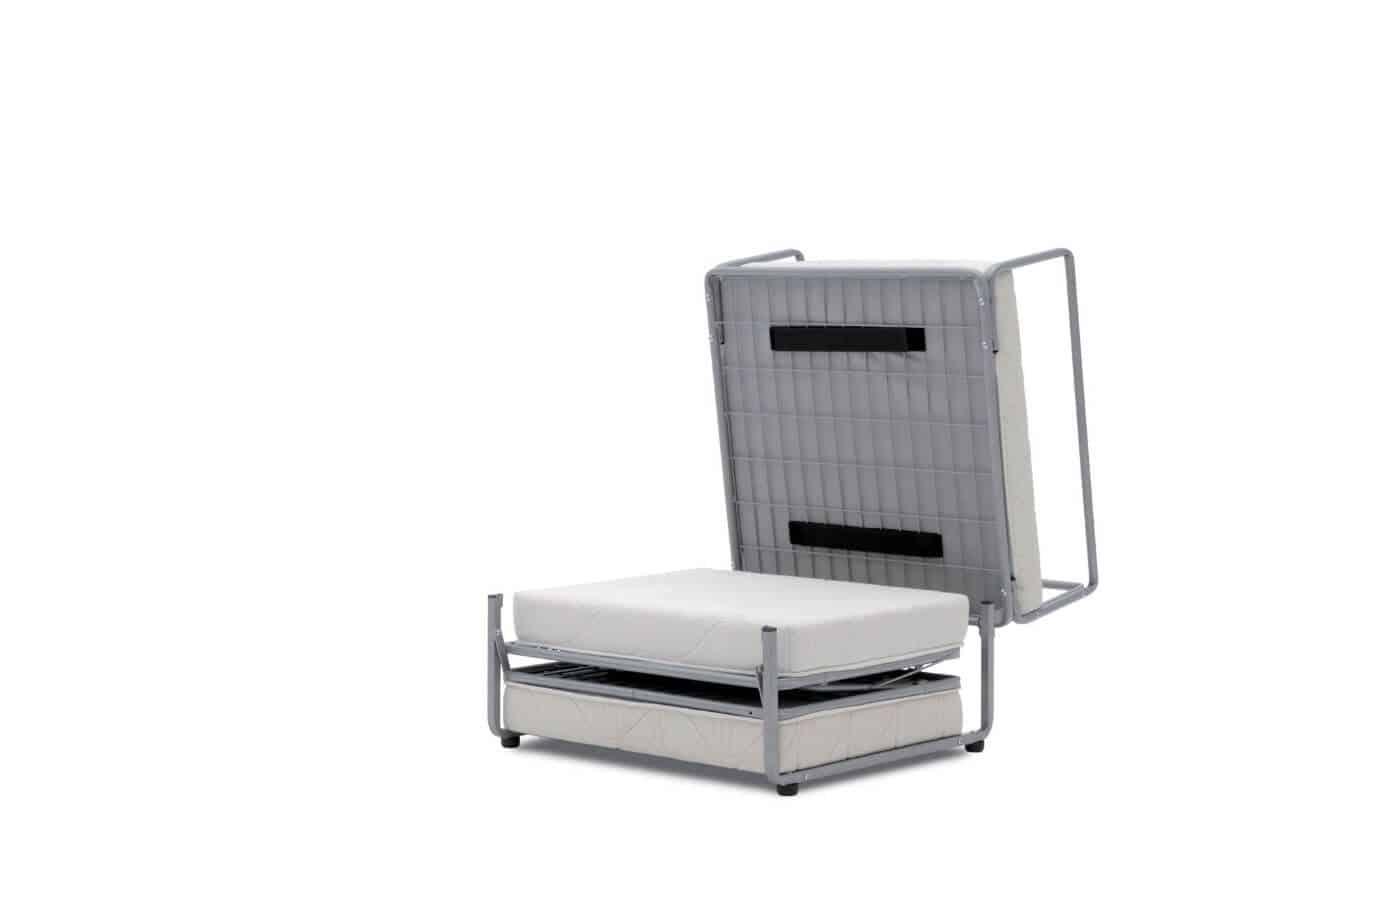 poltrone-letto-collezione-minnie-il-mobile (1)